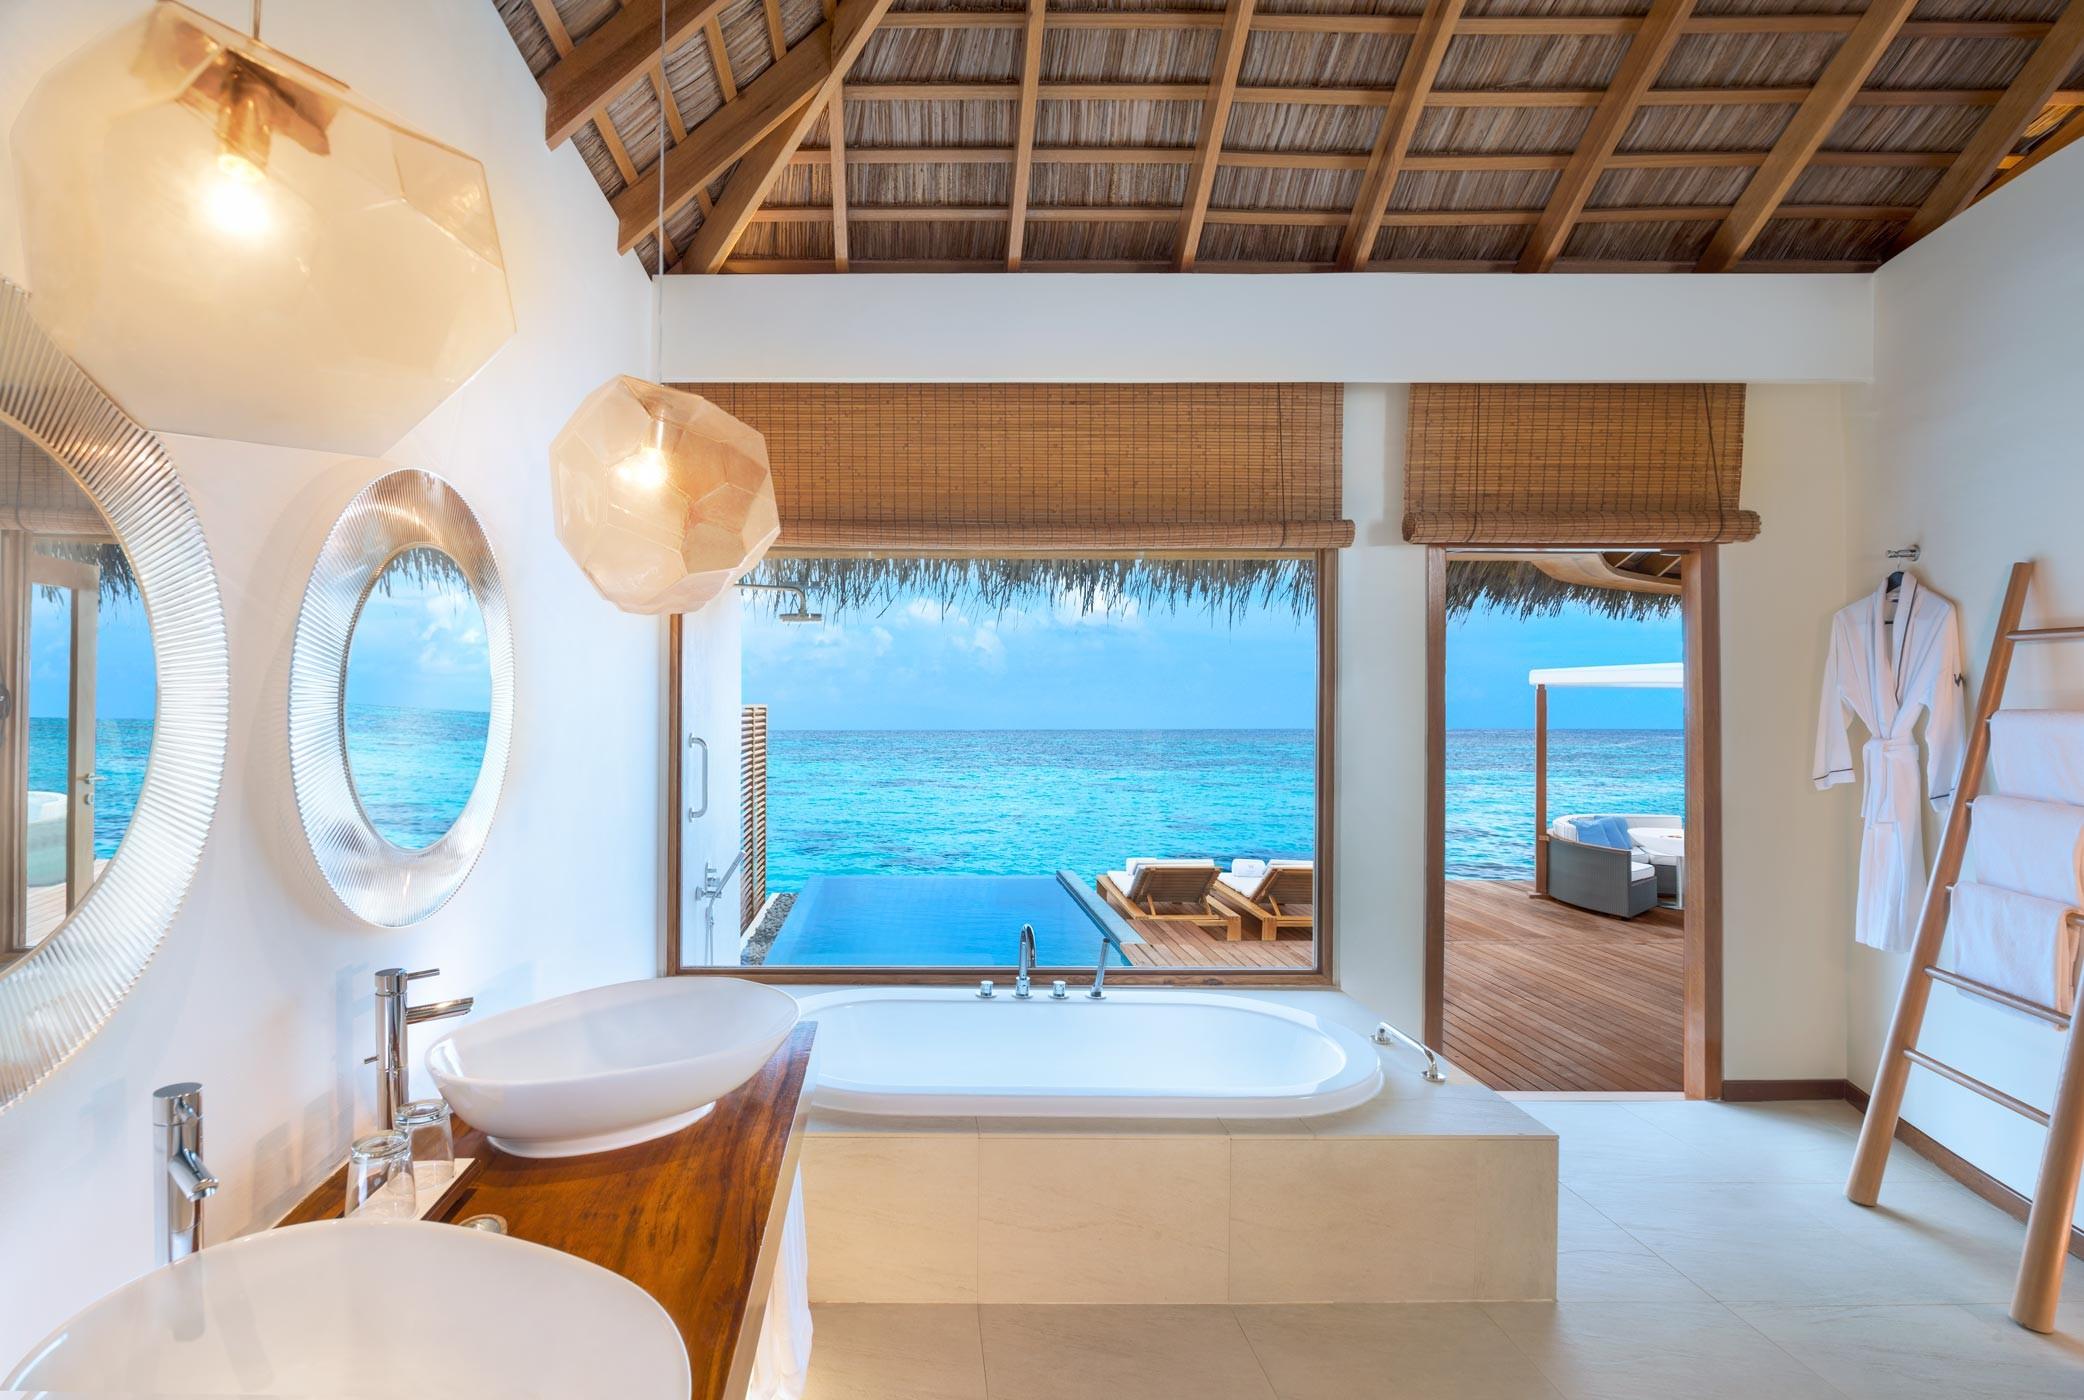 FesduIsland_Maldives_004